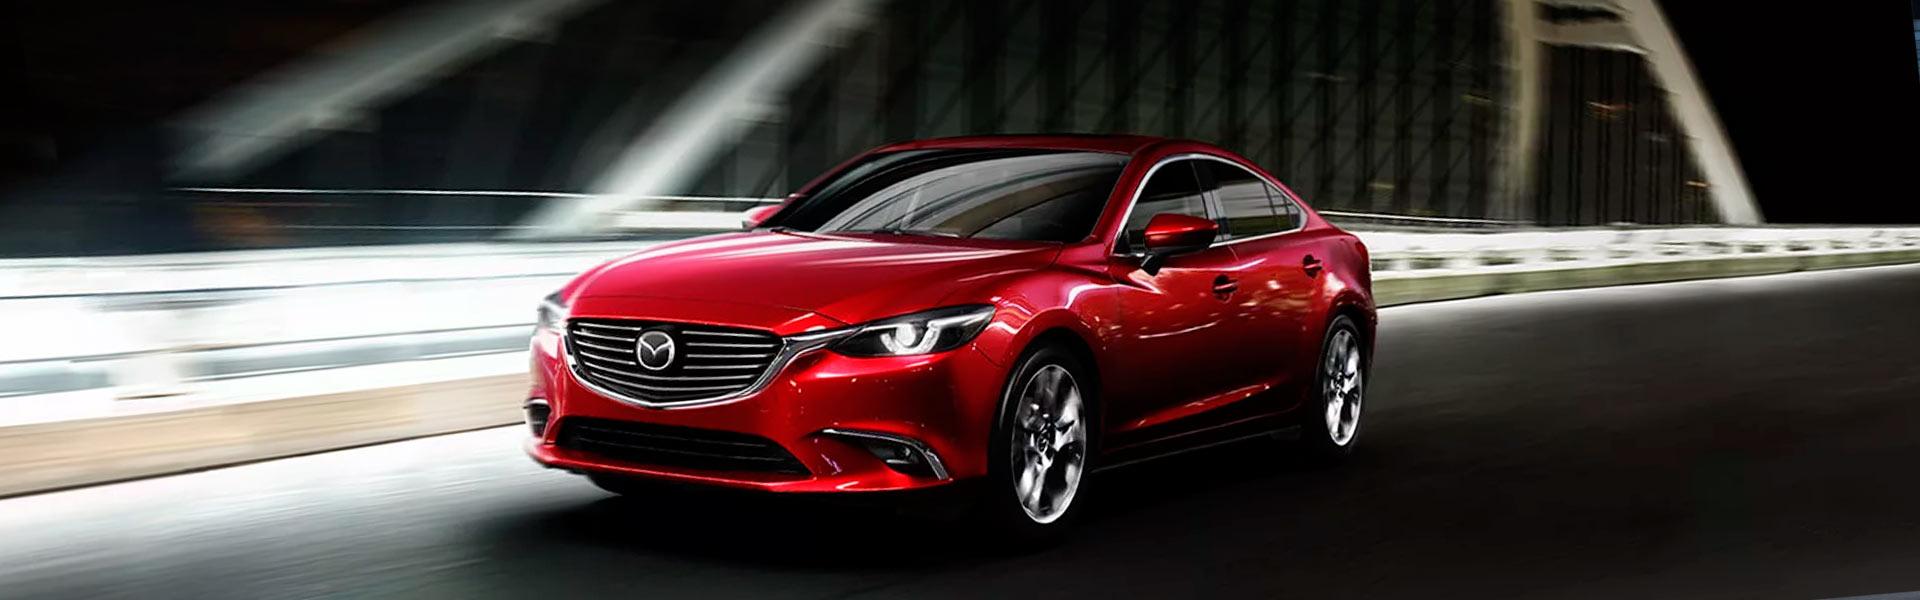 Свечи зажигания на Mazda 6